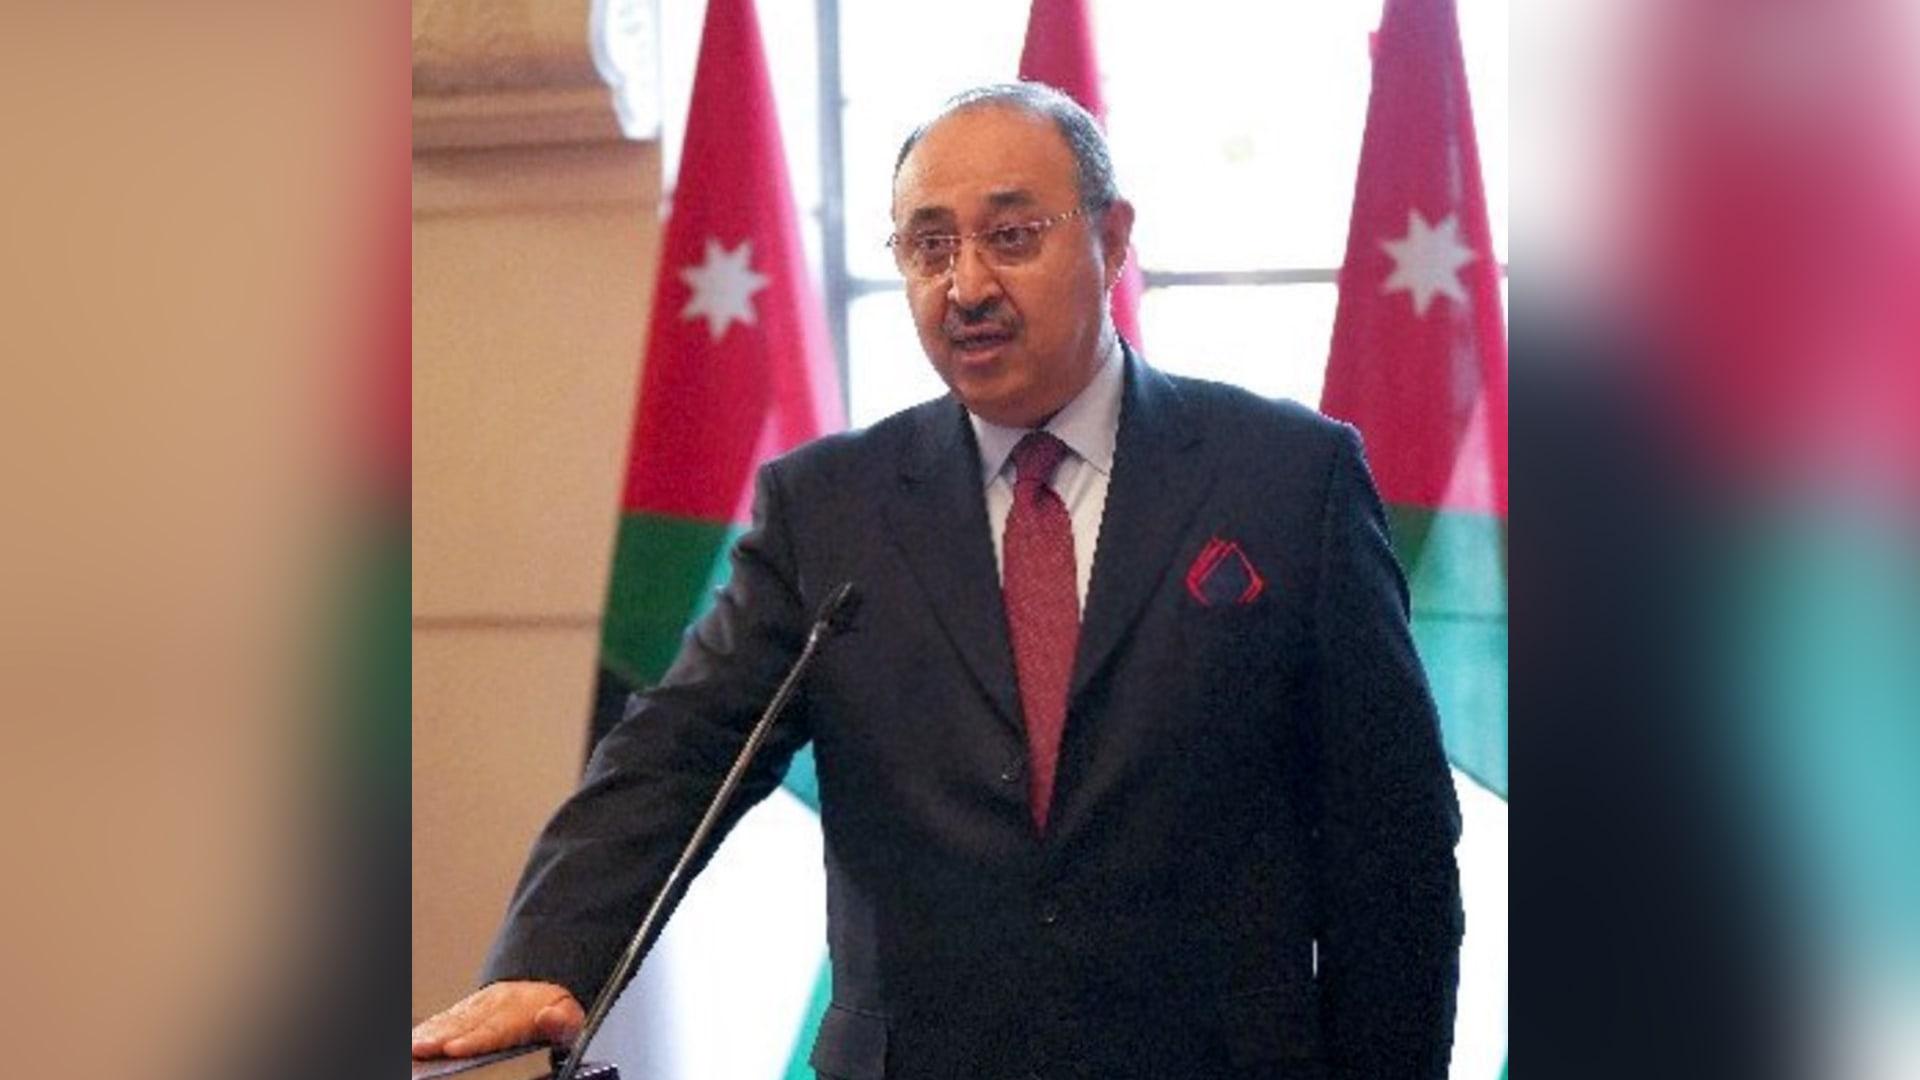 صخر دودين، وزير الدولة لشؤون الإعلام في الحكومة الأردنية